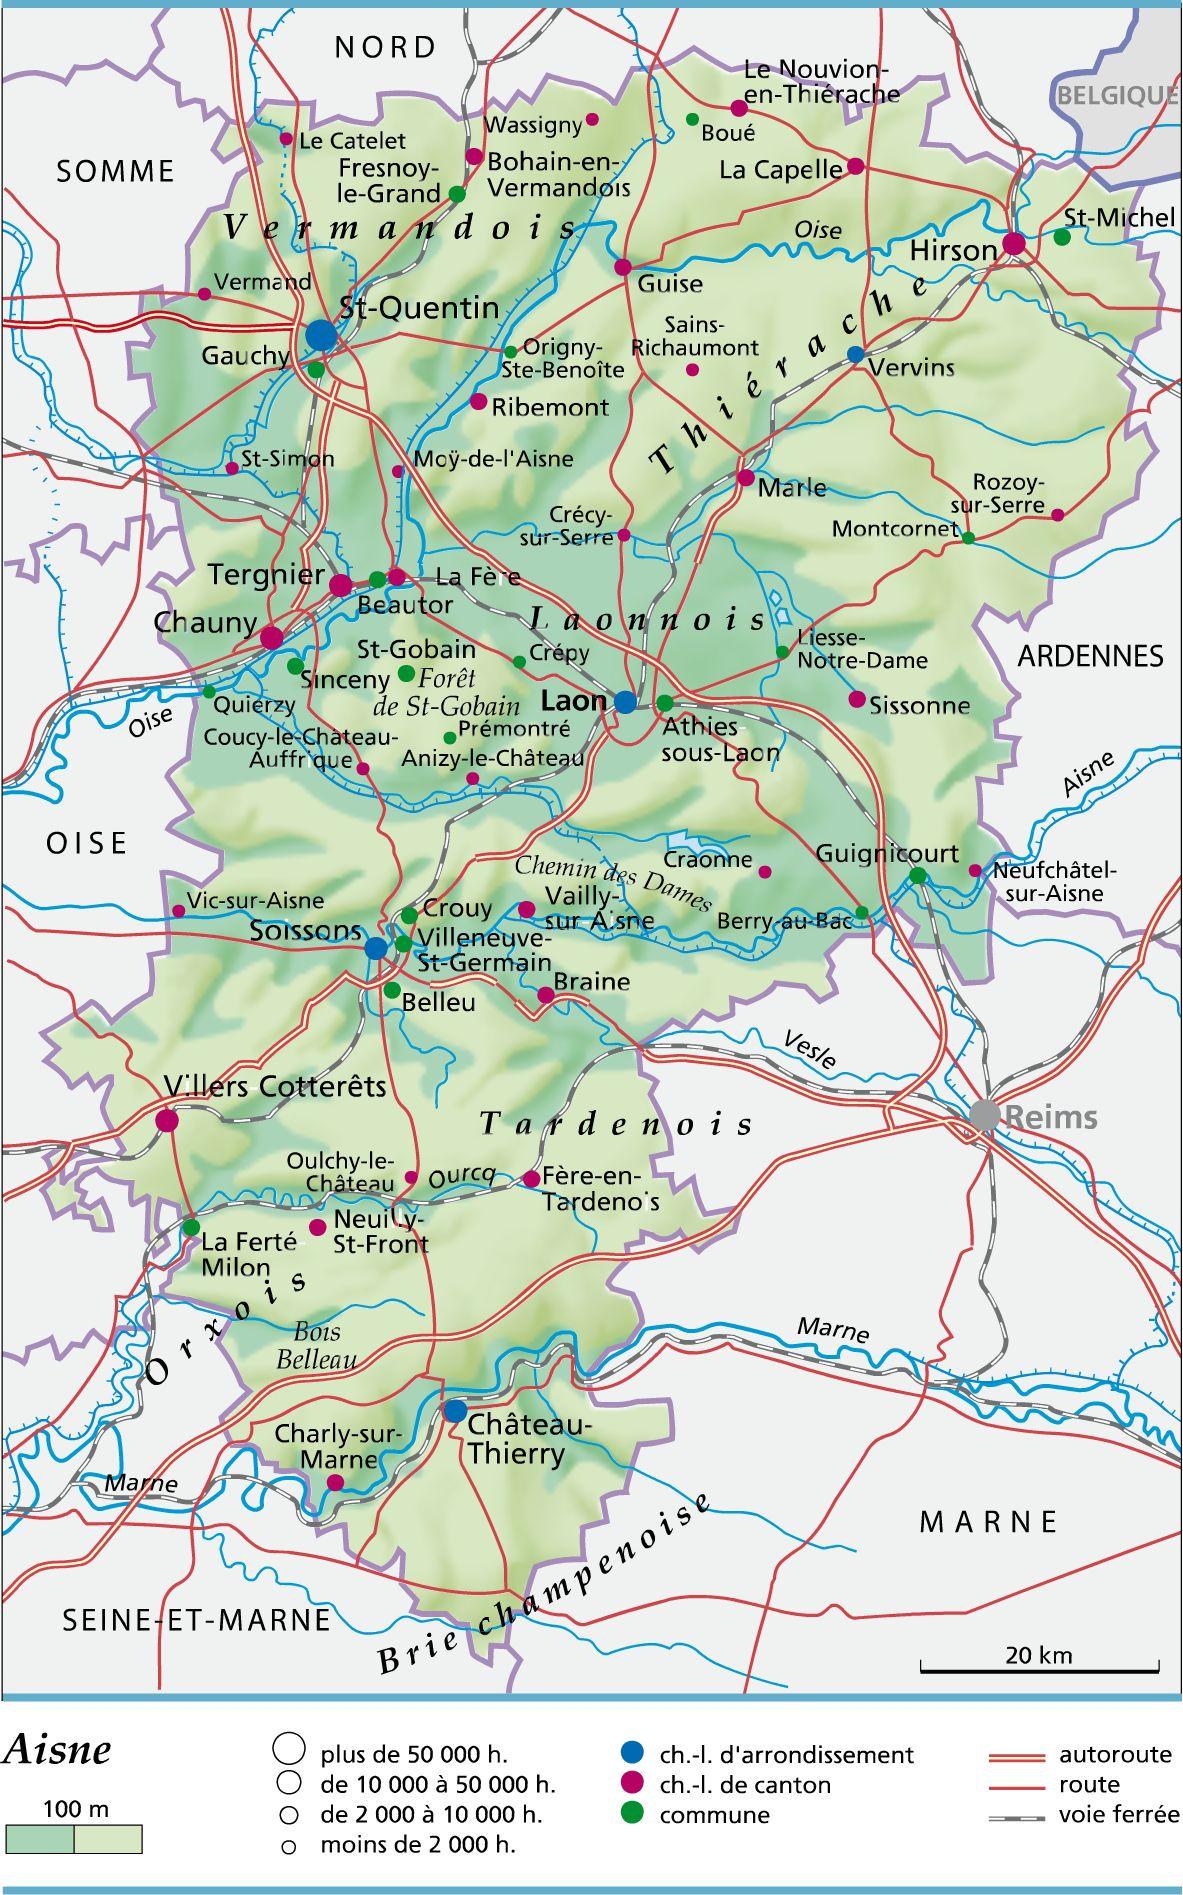 Carte de l'Aisne